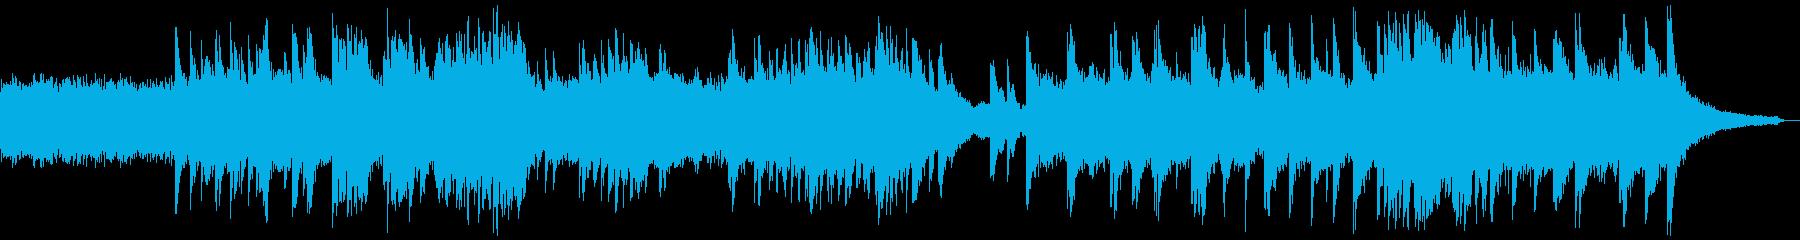 クラシック風なピアノBGMの再生済みの波形